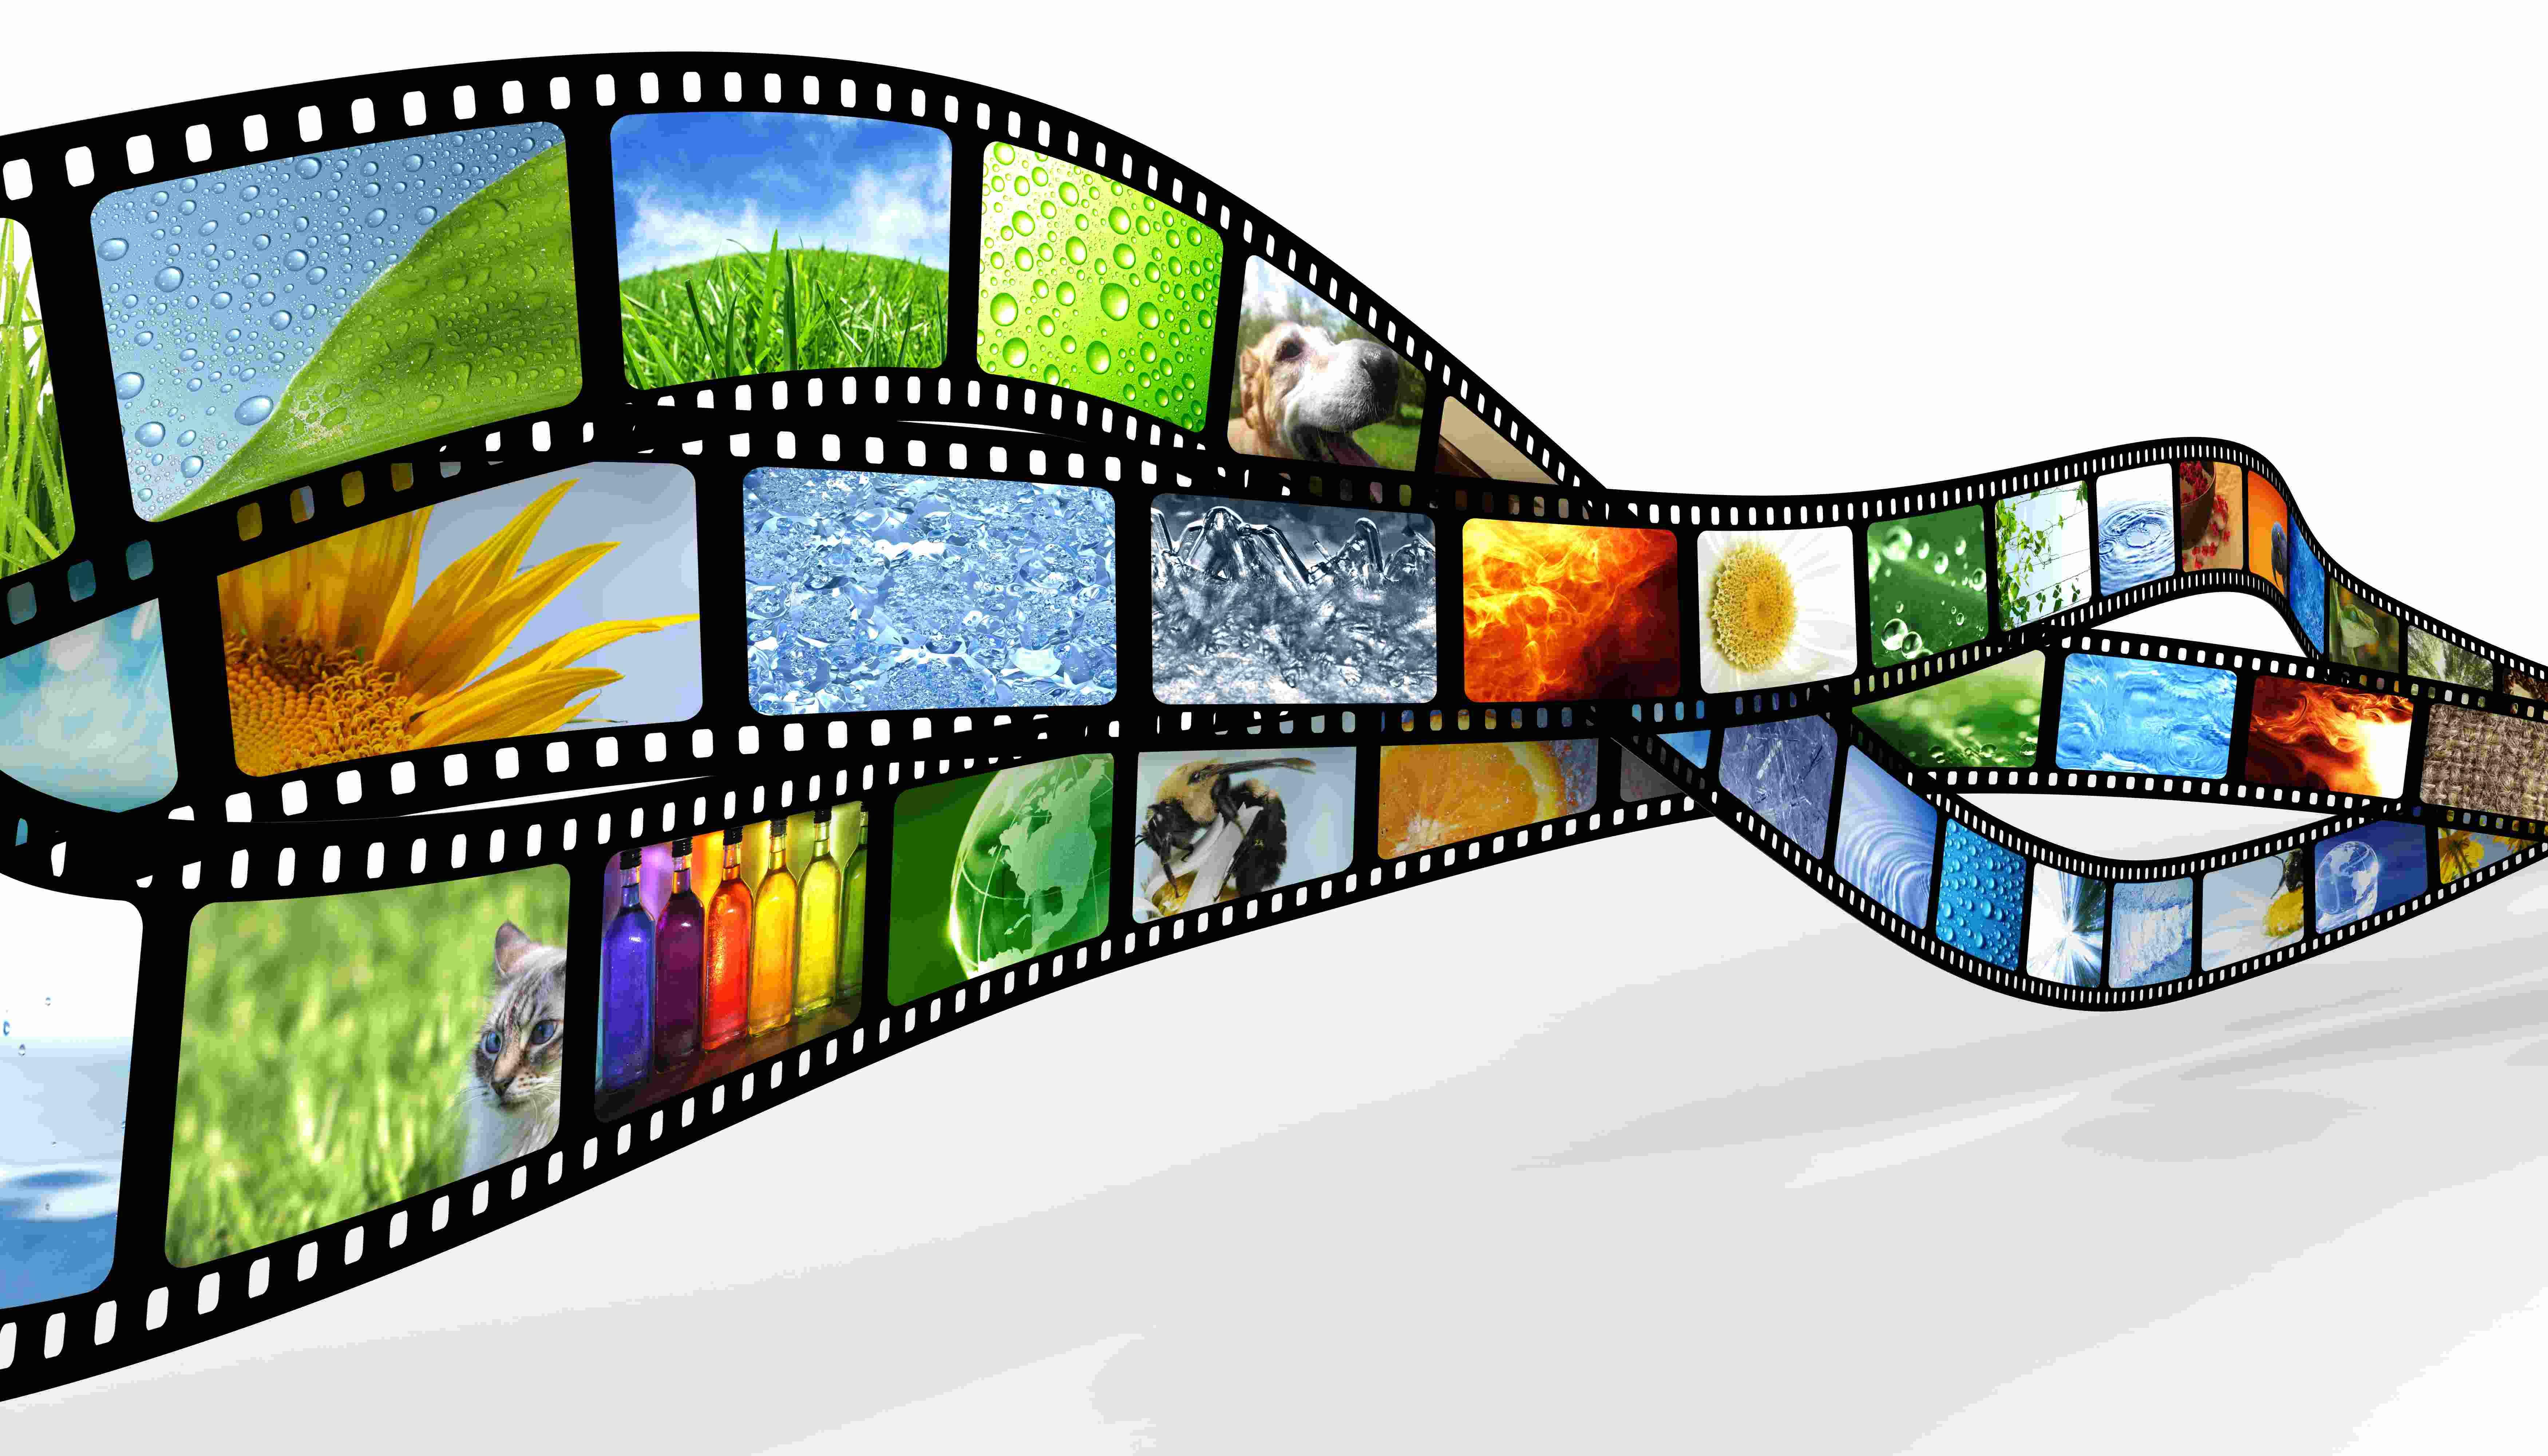 videoroliki-mnogo-onlayn-dokumentalniy-film-vnutri-glubokoy-glotki